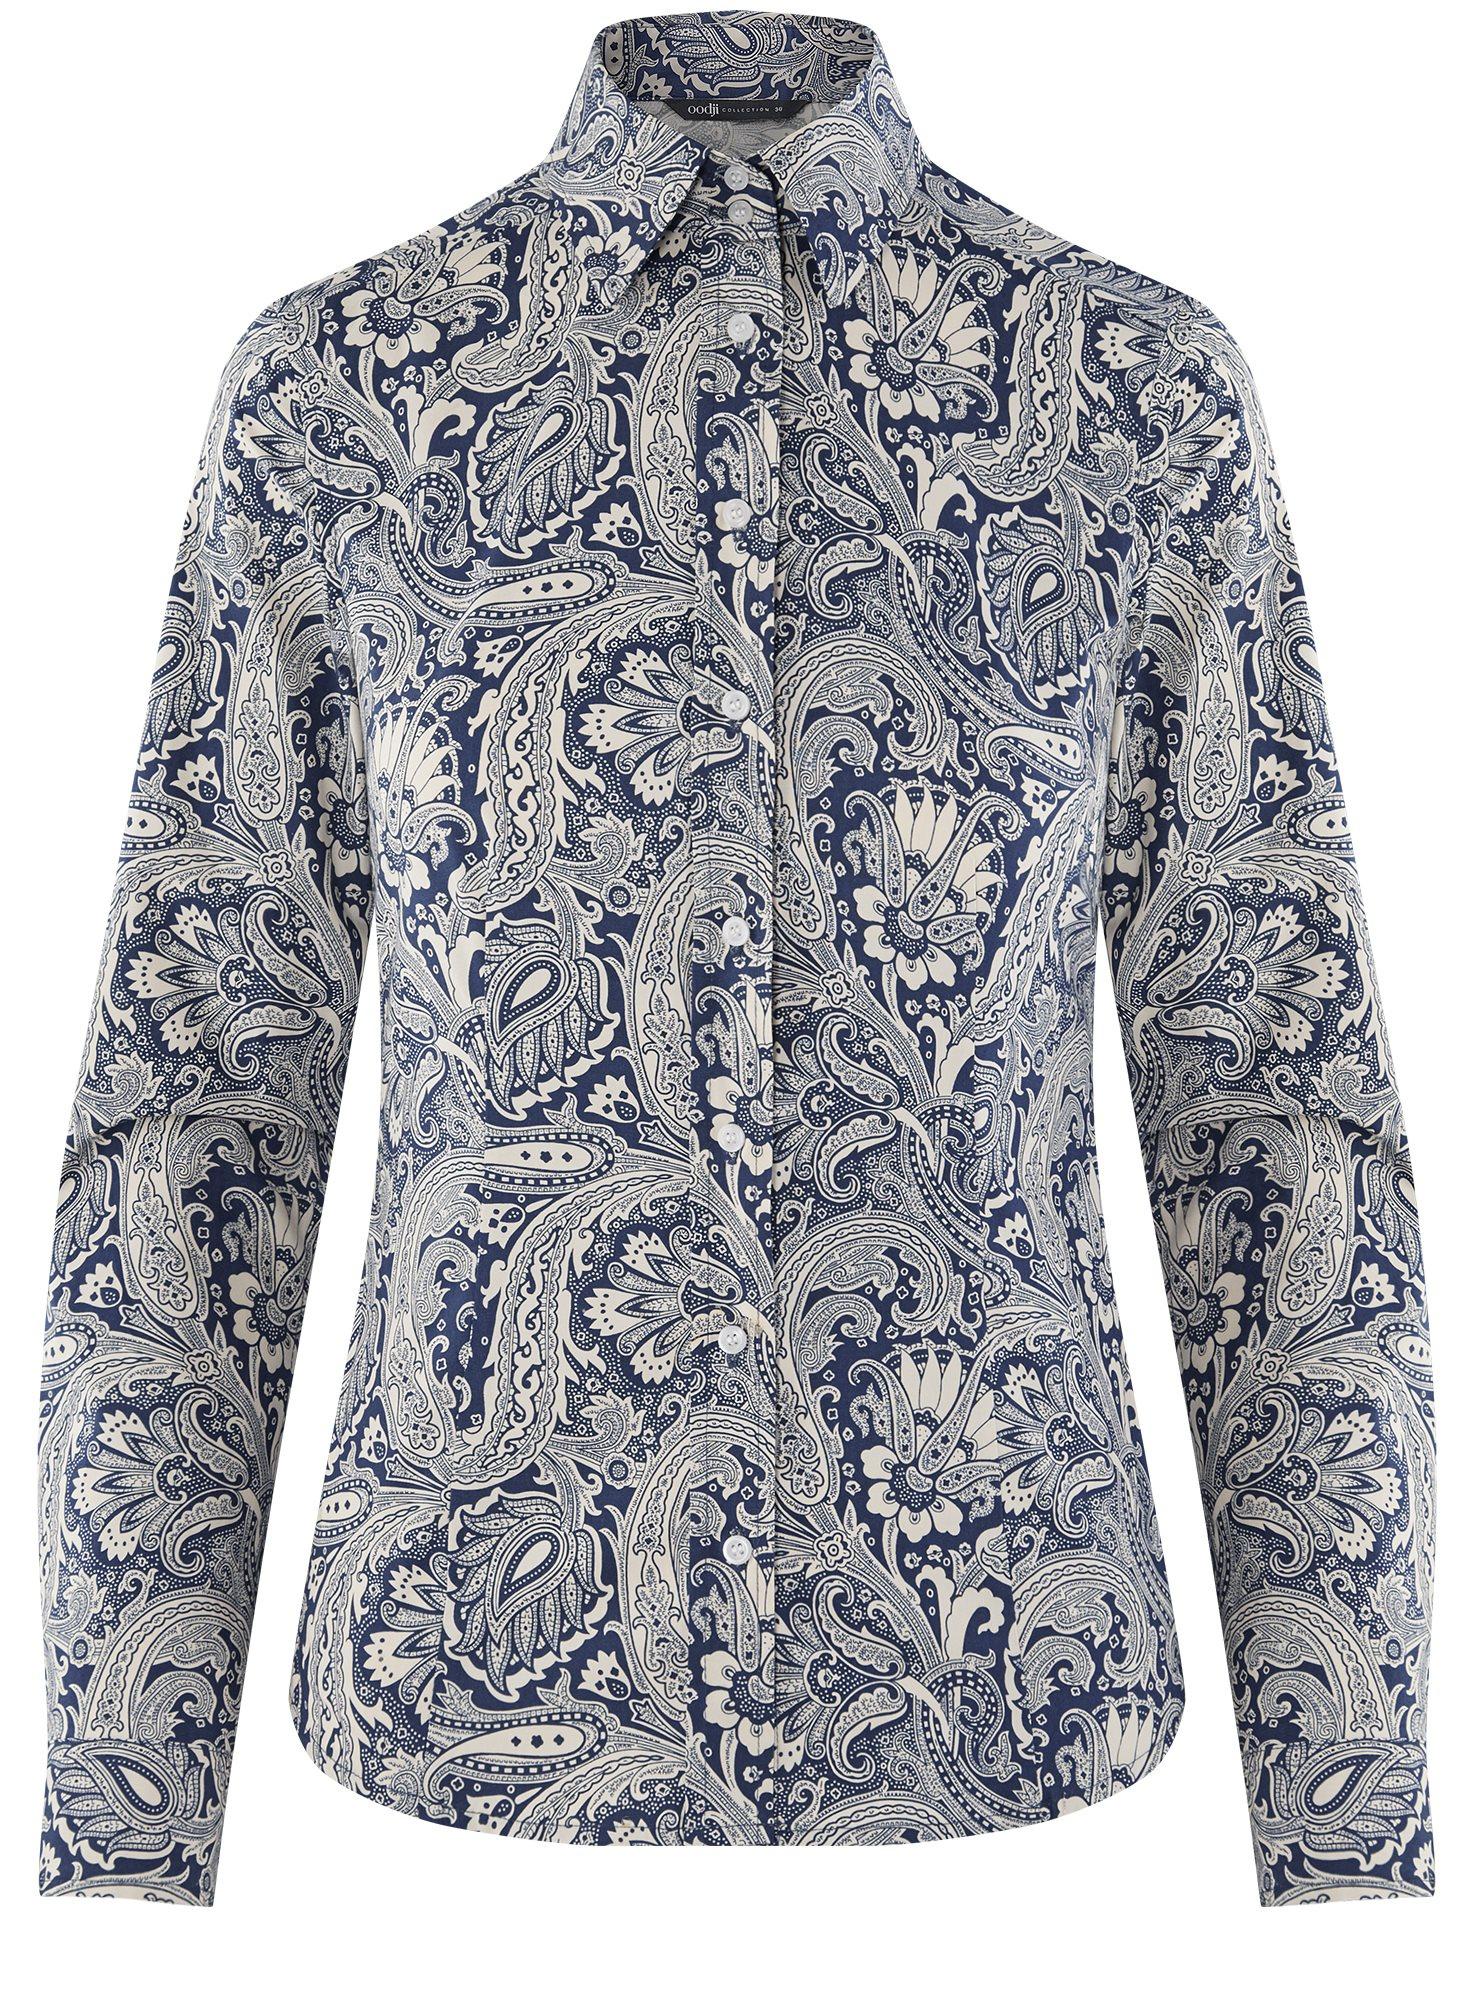 Рубашка приталенная принтованная oodji для женщины (синий), 21402212/14885/7530E